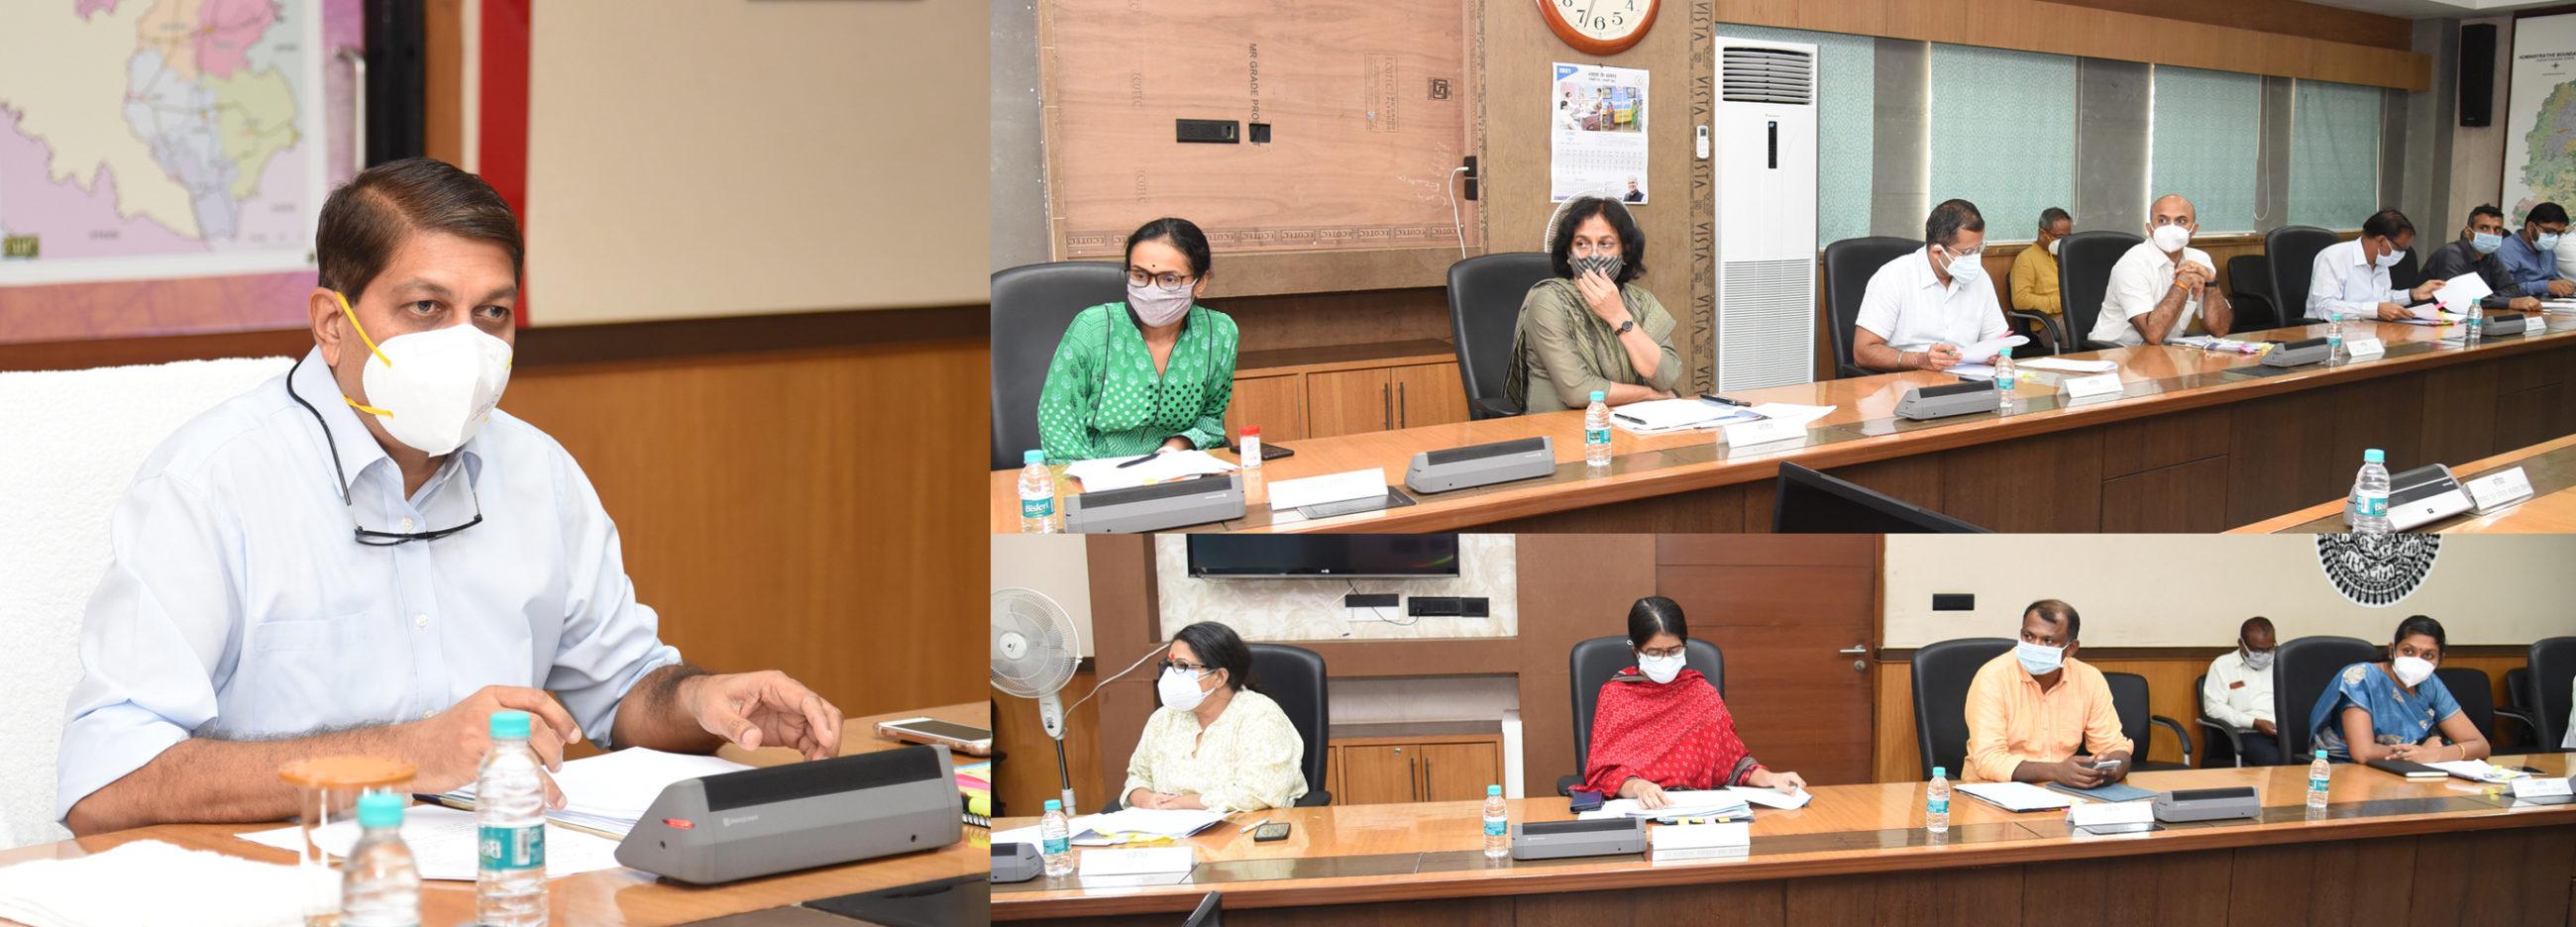 रायपुर : मुख्यमंत्री के सर्वोच्च प्राथमिकता वाले कार्यों के क्रियान्वयन और प्रगति की समीक्षा की मुख्य सचिव ने